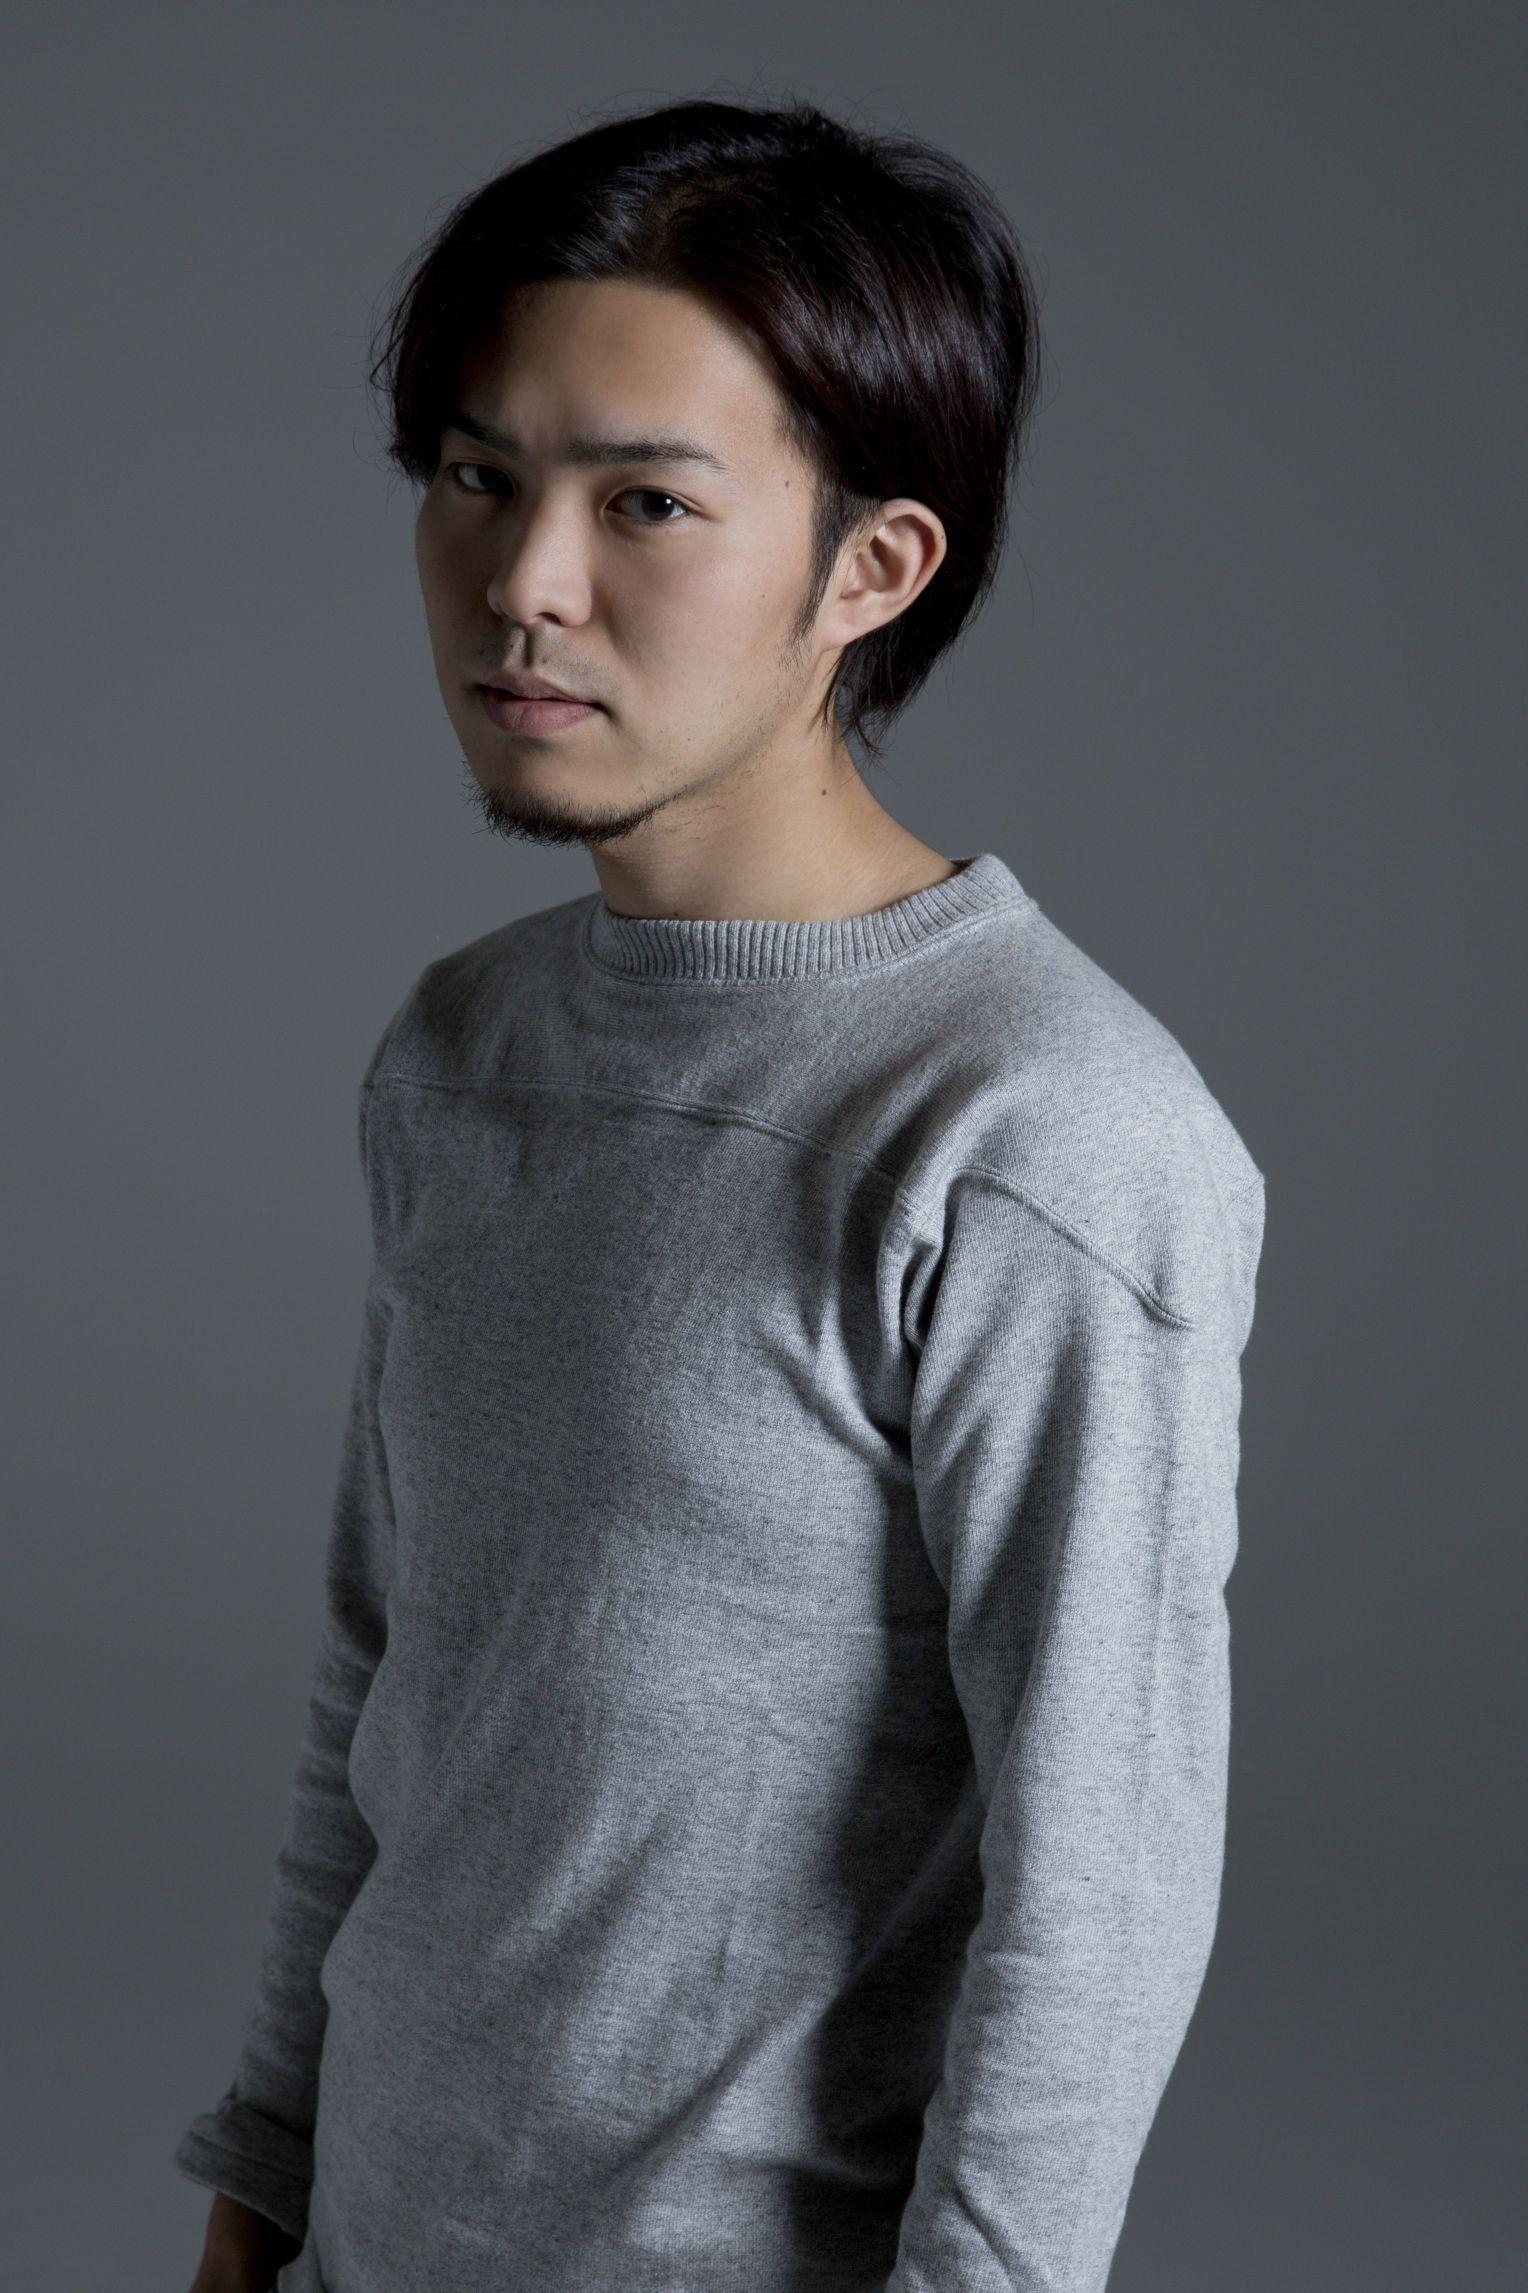 Shinta Nakajima